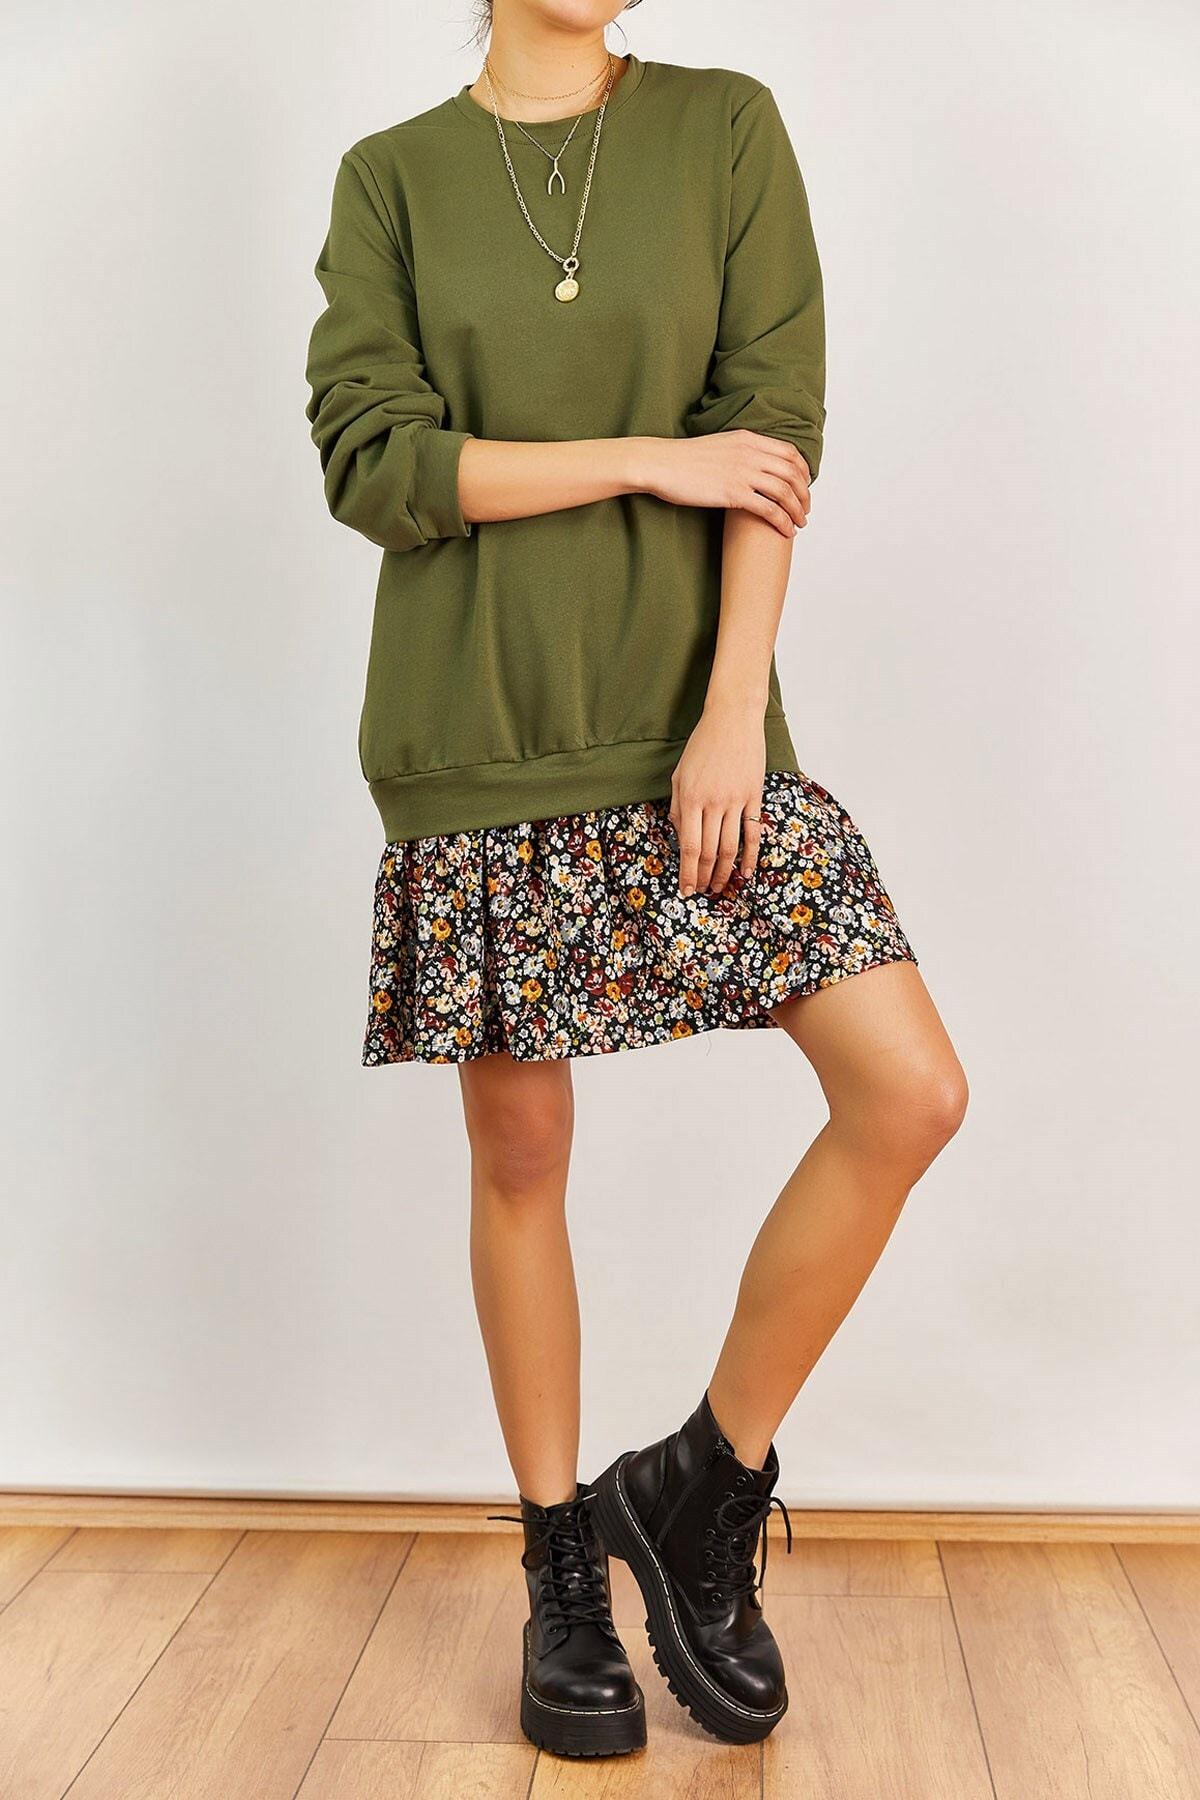 Boutiquen Kadın Haki Altı Çiçek Desenli Elbise 2208